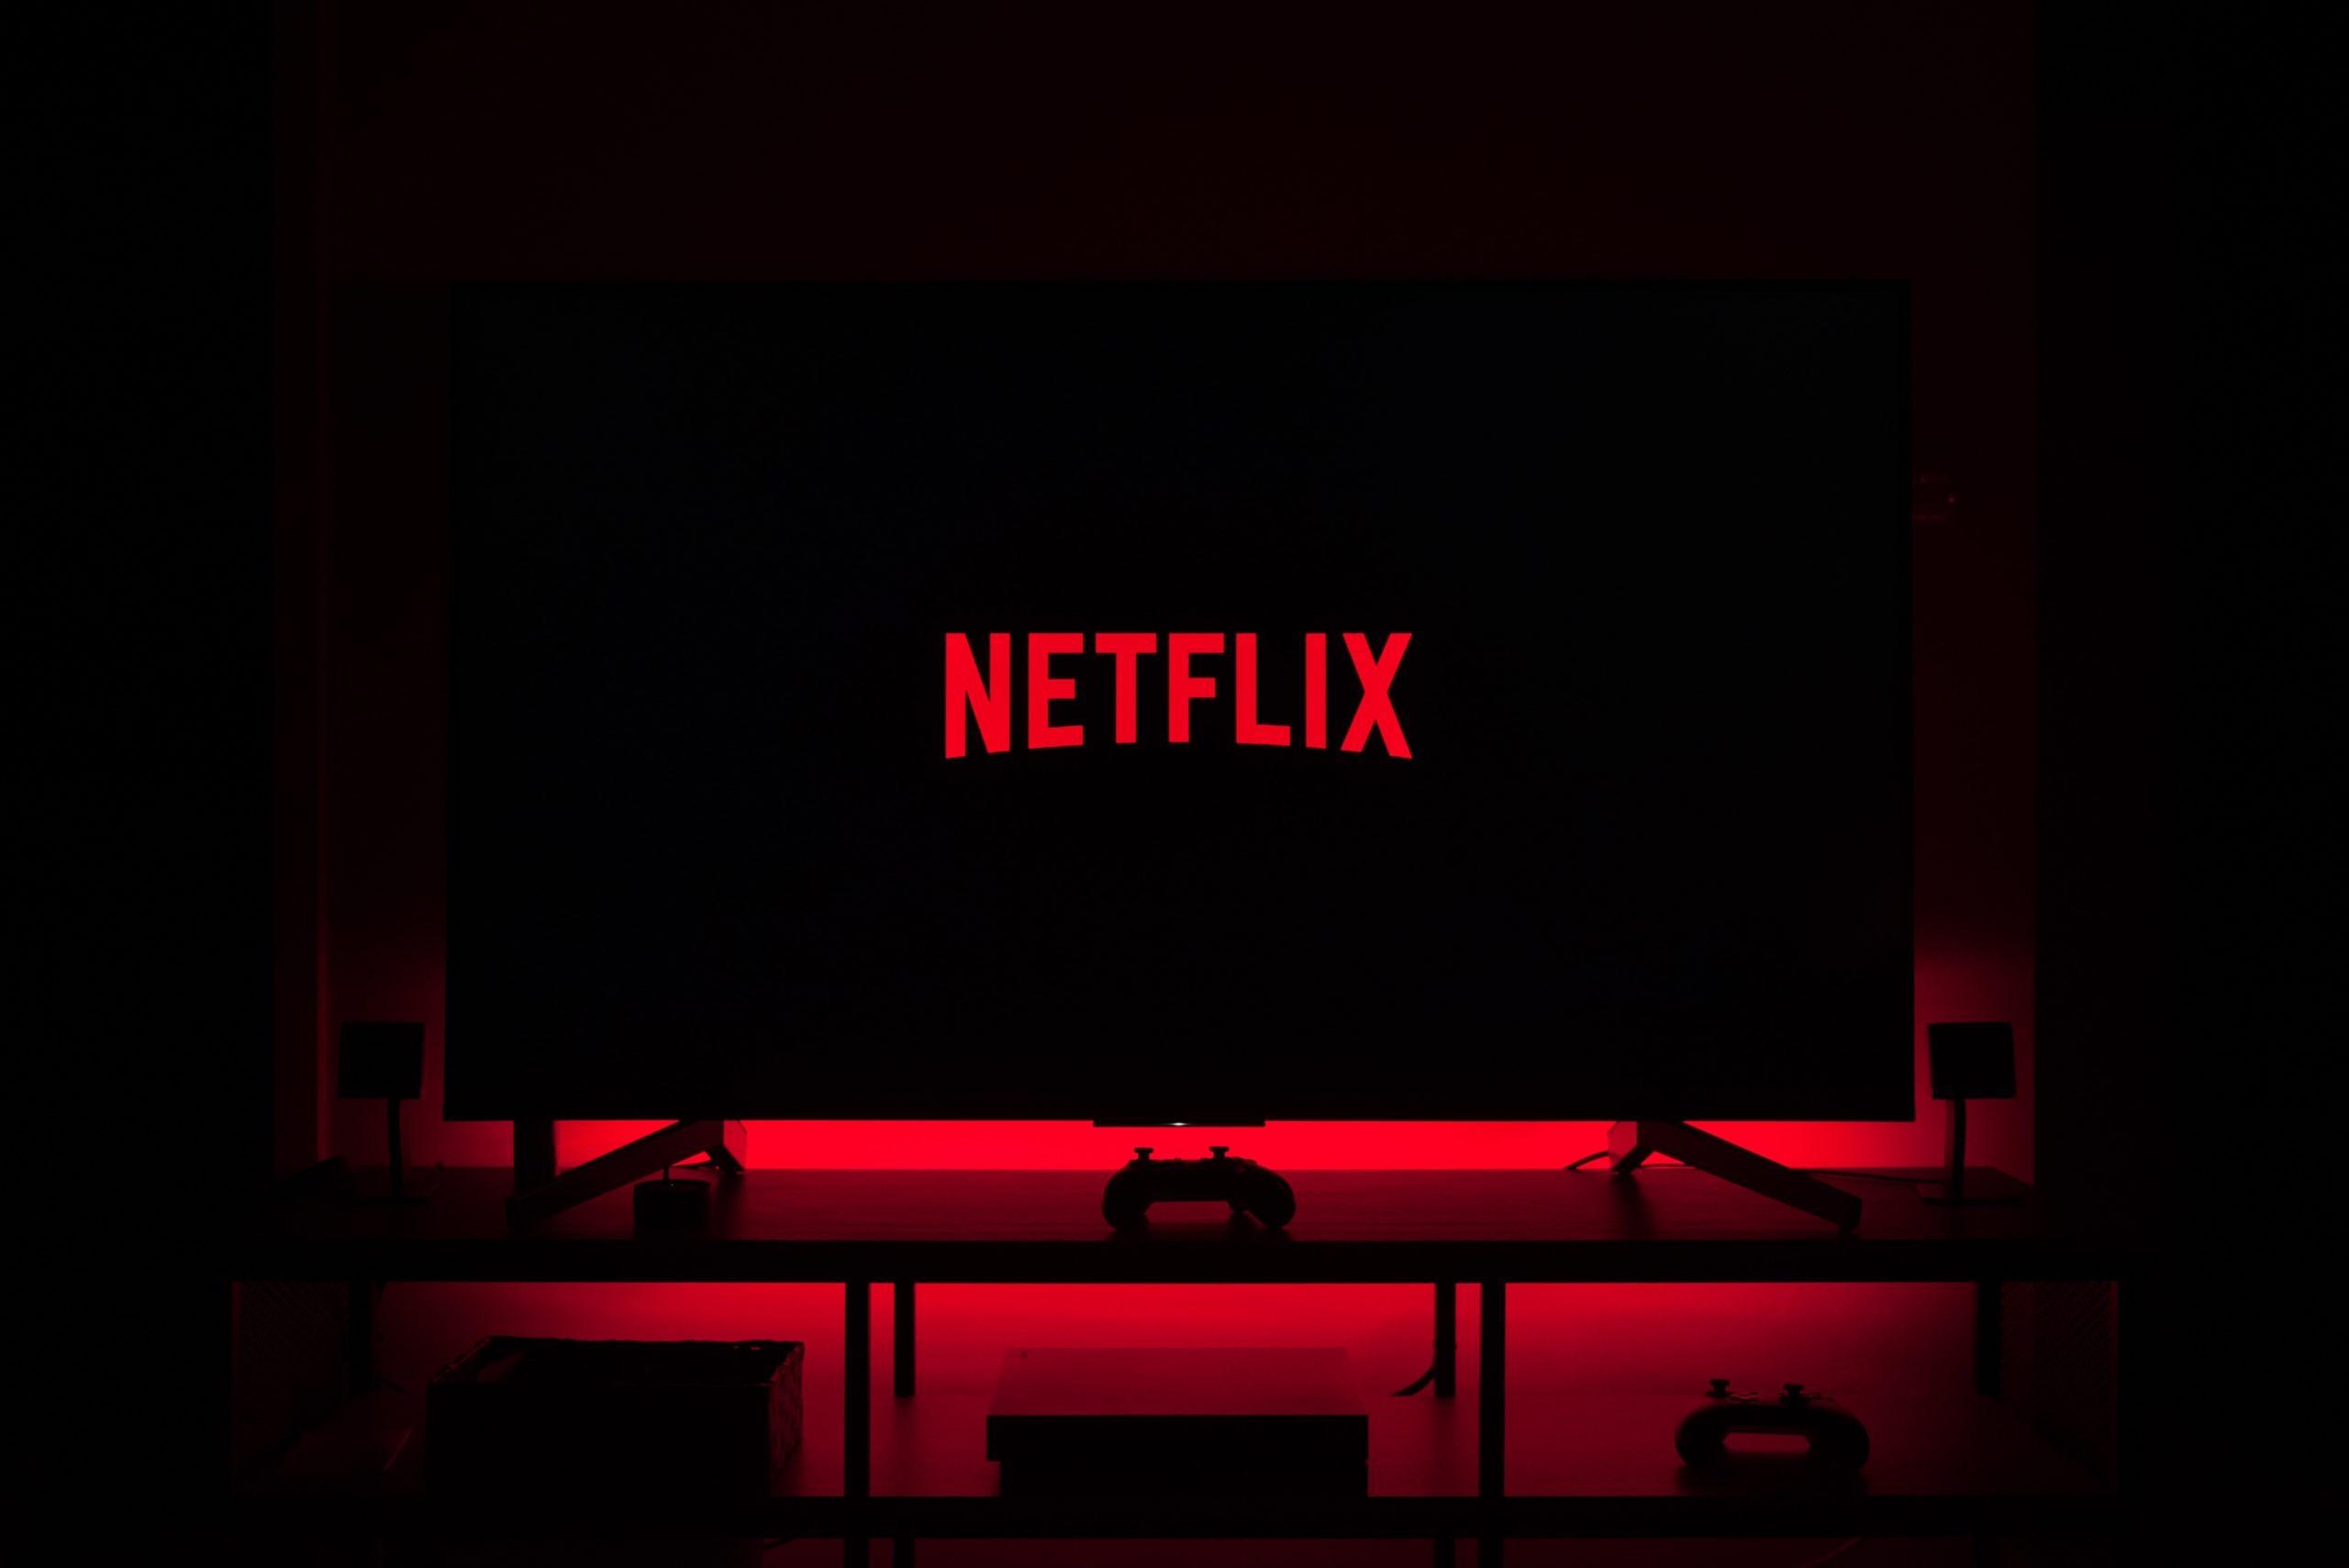 Netflix paraqet Kosovën si pjesë të Serbisë, nis peticioni për ta ndryshuar